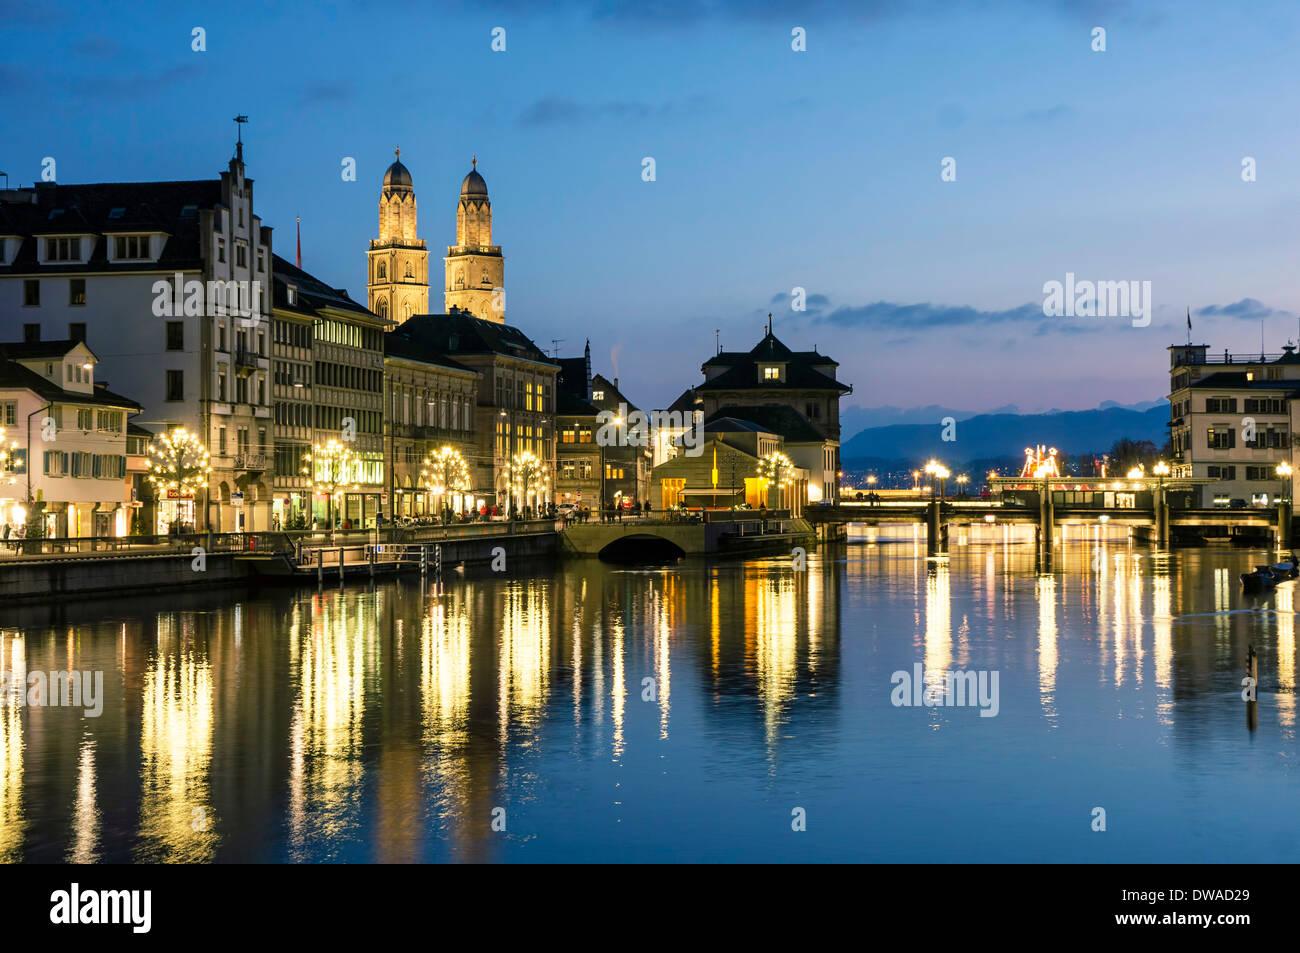 Grossmunster Limmatquai twilight, Switzerland Zurich - Stock Image